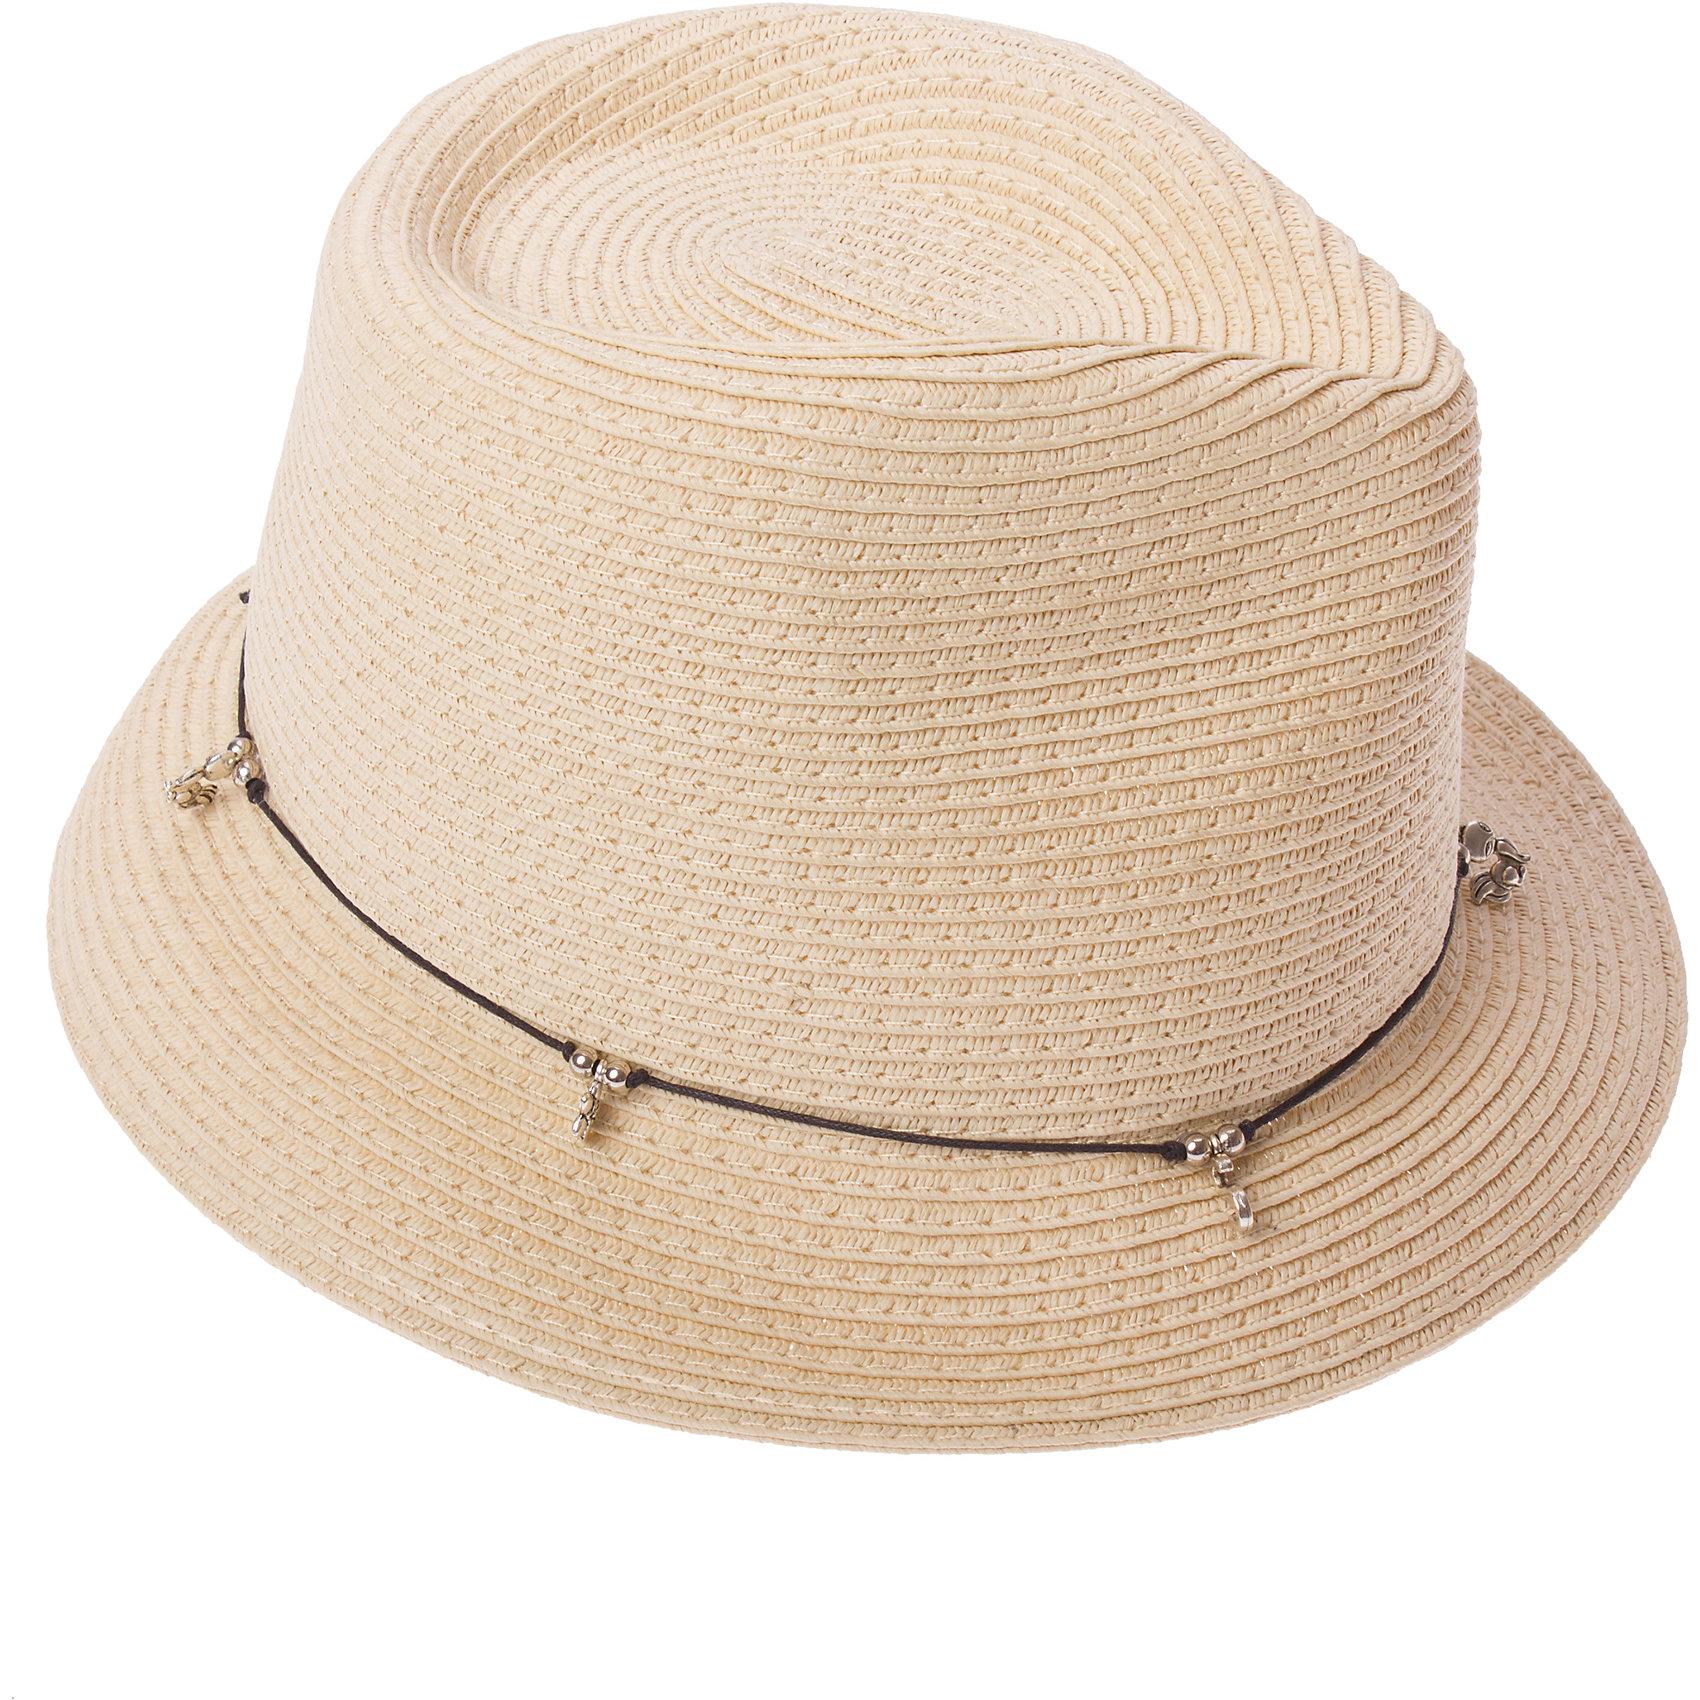 Панама для девочки S'CoolПанама для девочки S'Cool <br><br>Состав: 100% бумажная соломка <br>Классическая соломенная шляпа со стильными подвесками.<br><br>Ширина мм: 89<br>Глубина мм: 117<br>Высота мм: 44<br>Вес г: 155<br>Цвет: бежевый<br>Возраст от месяцев: 144<br>Возраст до месяцев: 168<br>Пол: Женский<br>Возраст: Детский<br>Размер: 56,54<br>SKU: 4502616